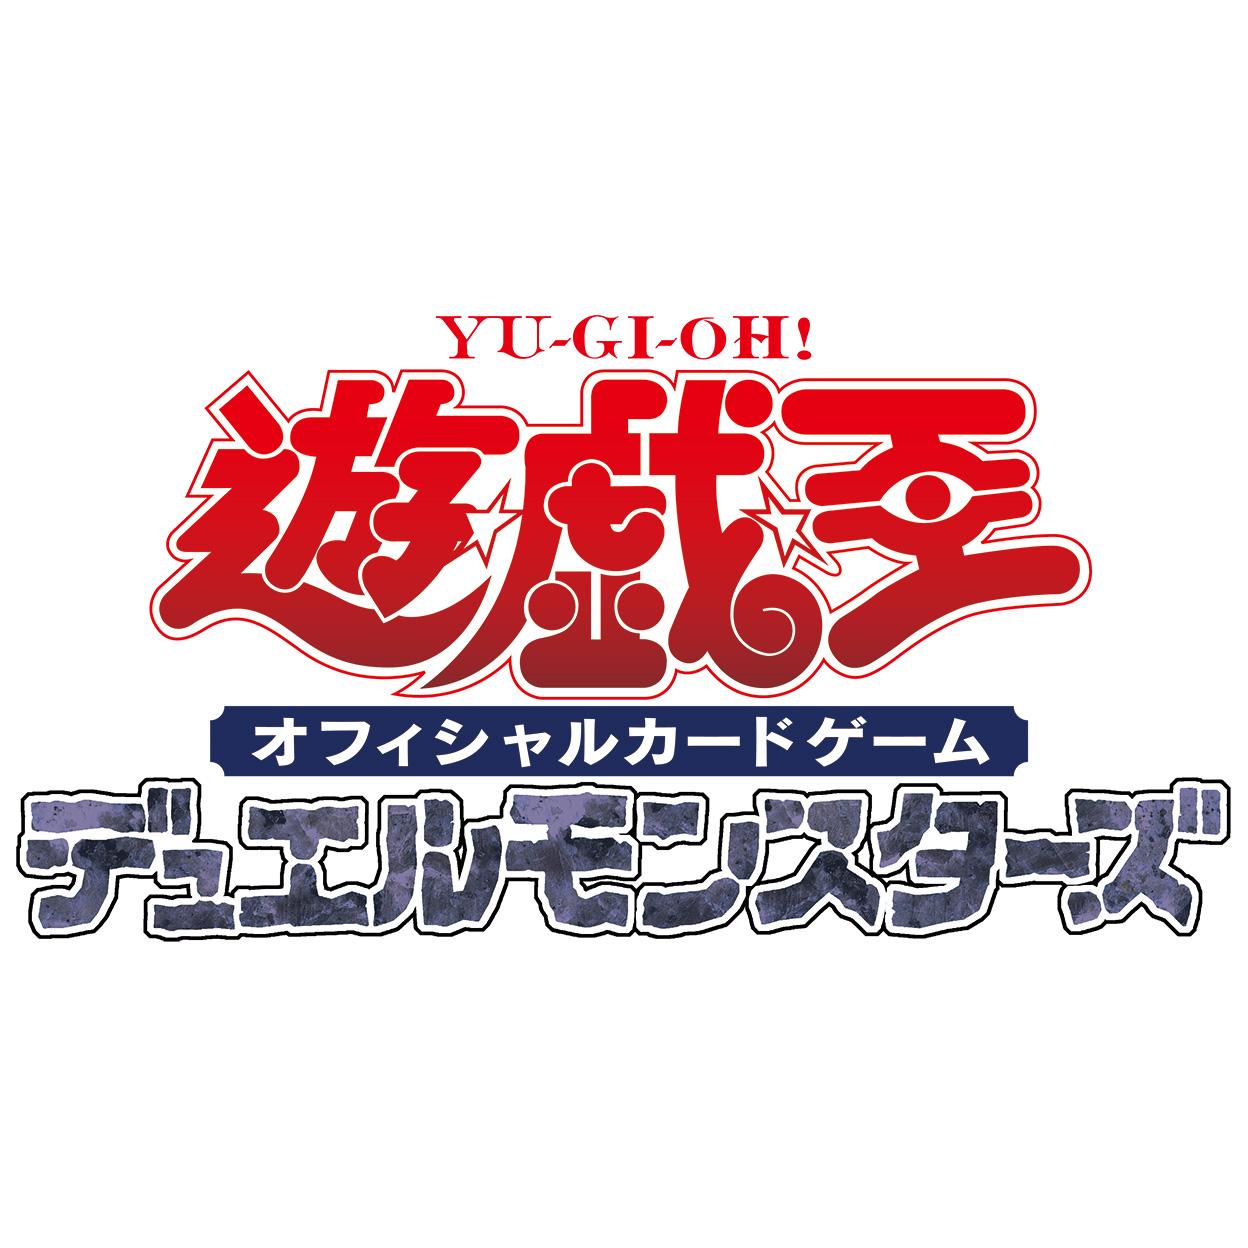 遊戯王OCG デュエルモンスターズ『PHANTOM RAGE(ファントム・レイジ)』トレカ